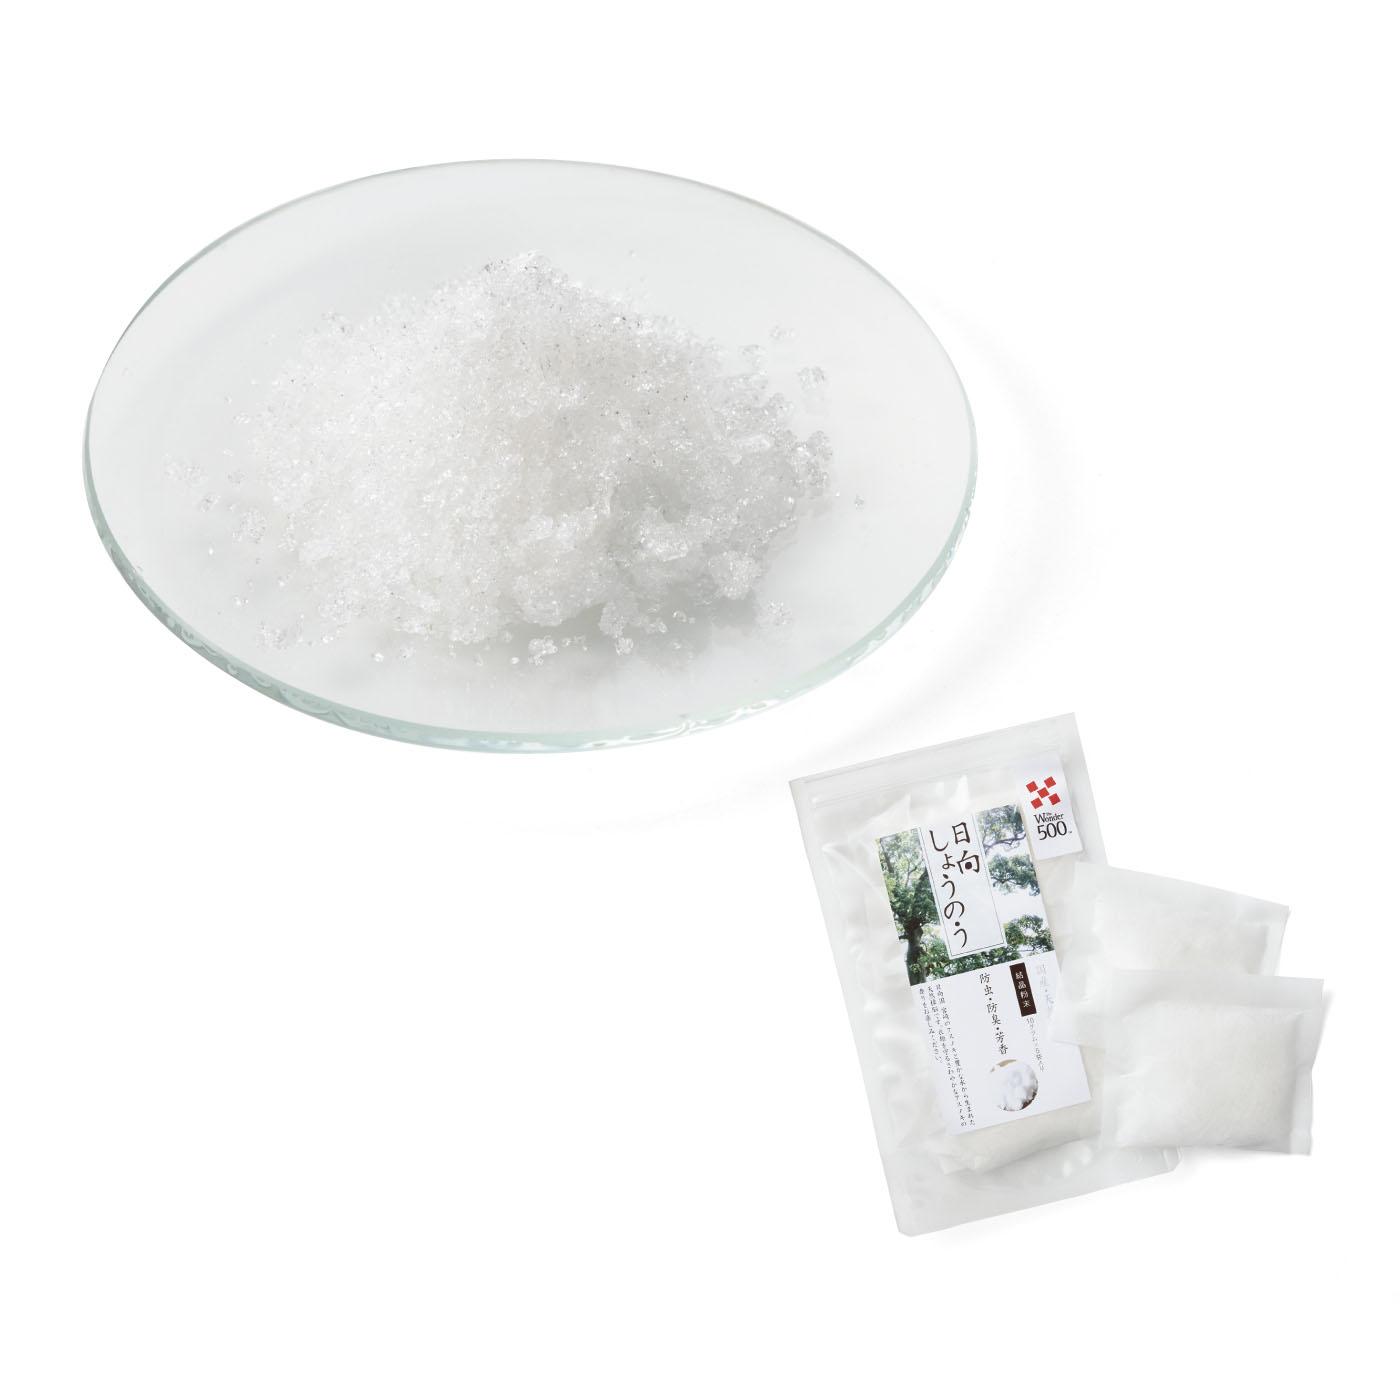 日向しょうのう結晶粉末 10g×5袋 宮崎県産のクスノキを原料に、宮崎の工場で蒸留・精製された国産の天然樟脳。不織布に小分けした使いやすいパック入り。着物や雛人形などの保管にも役立ちます。